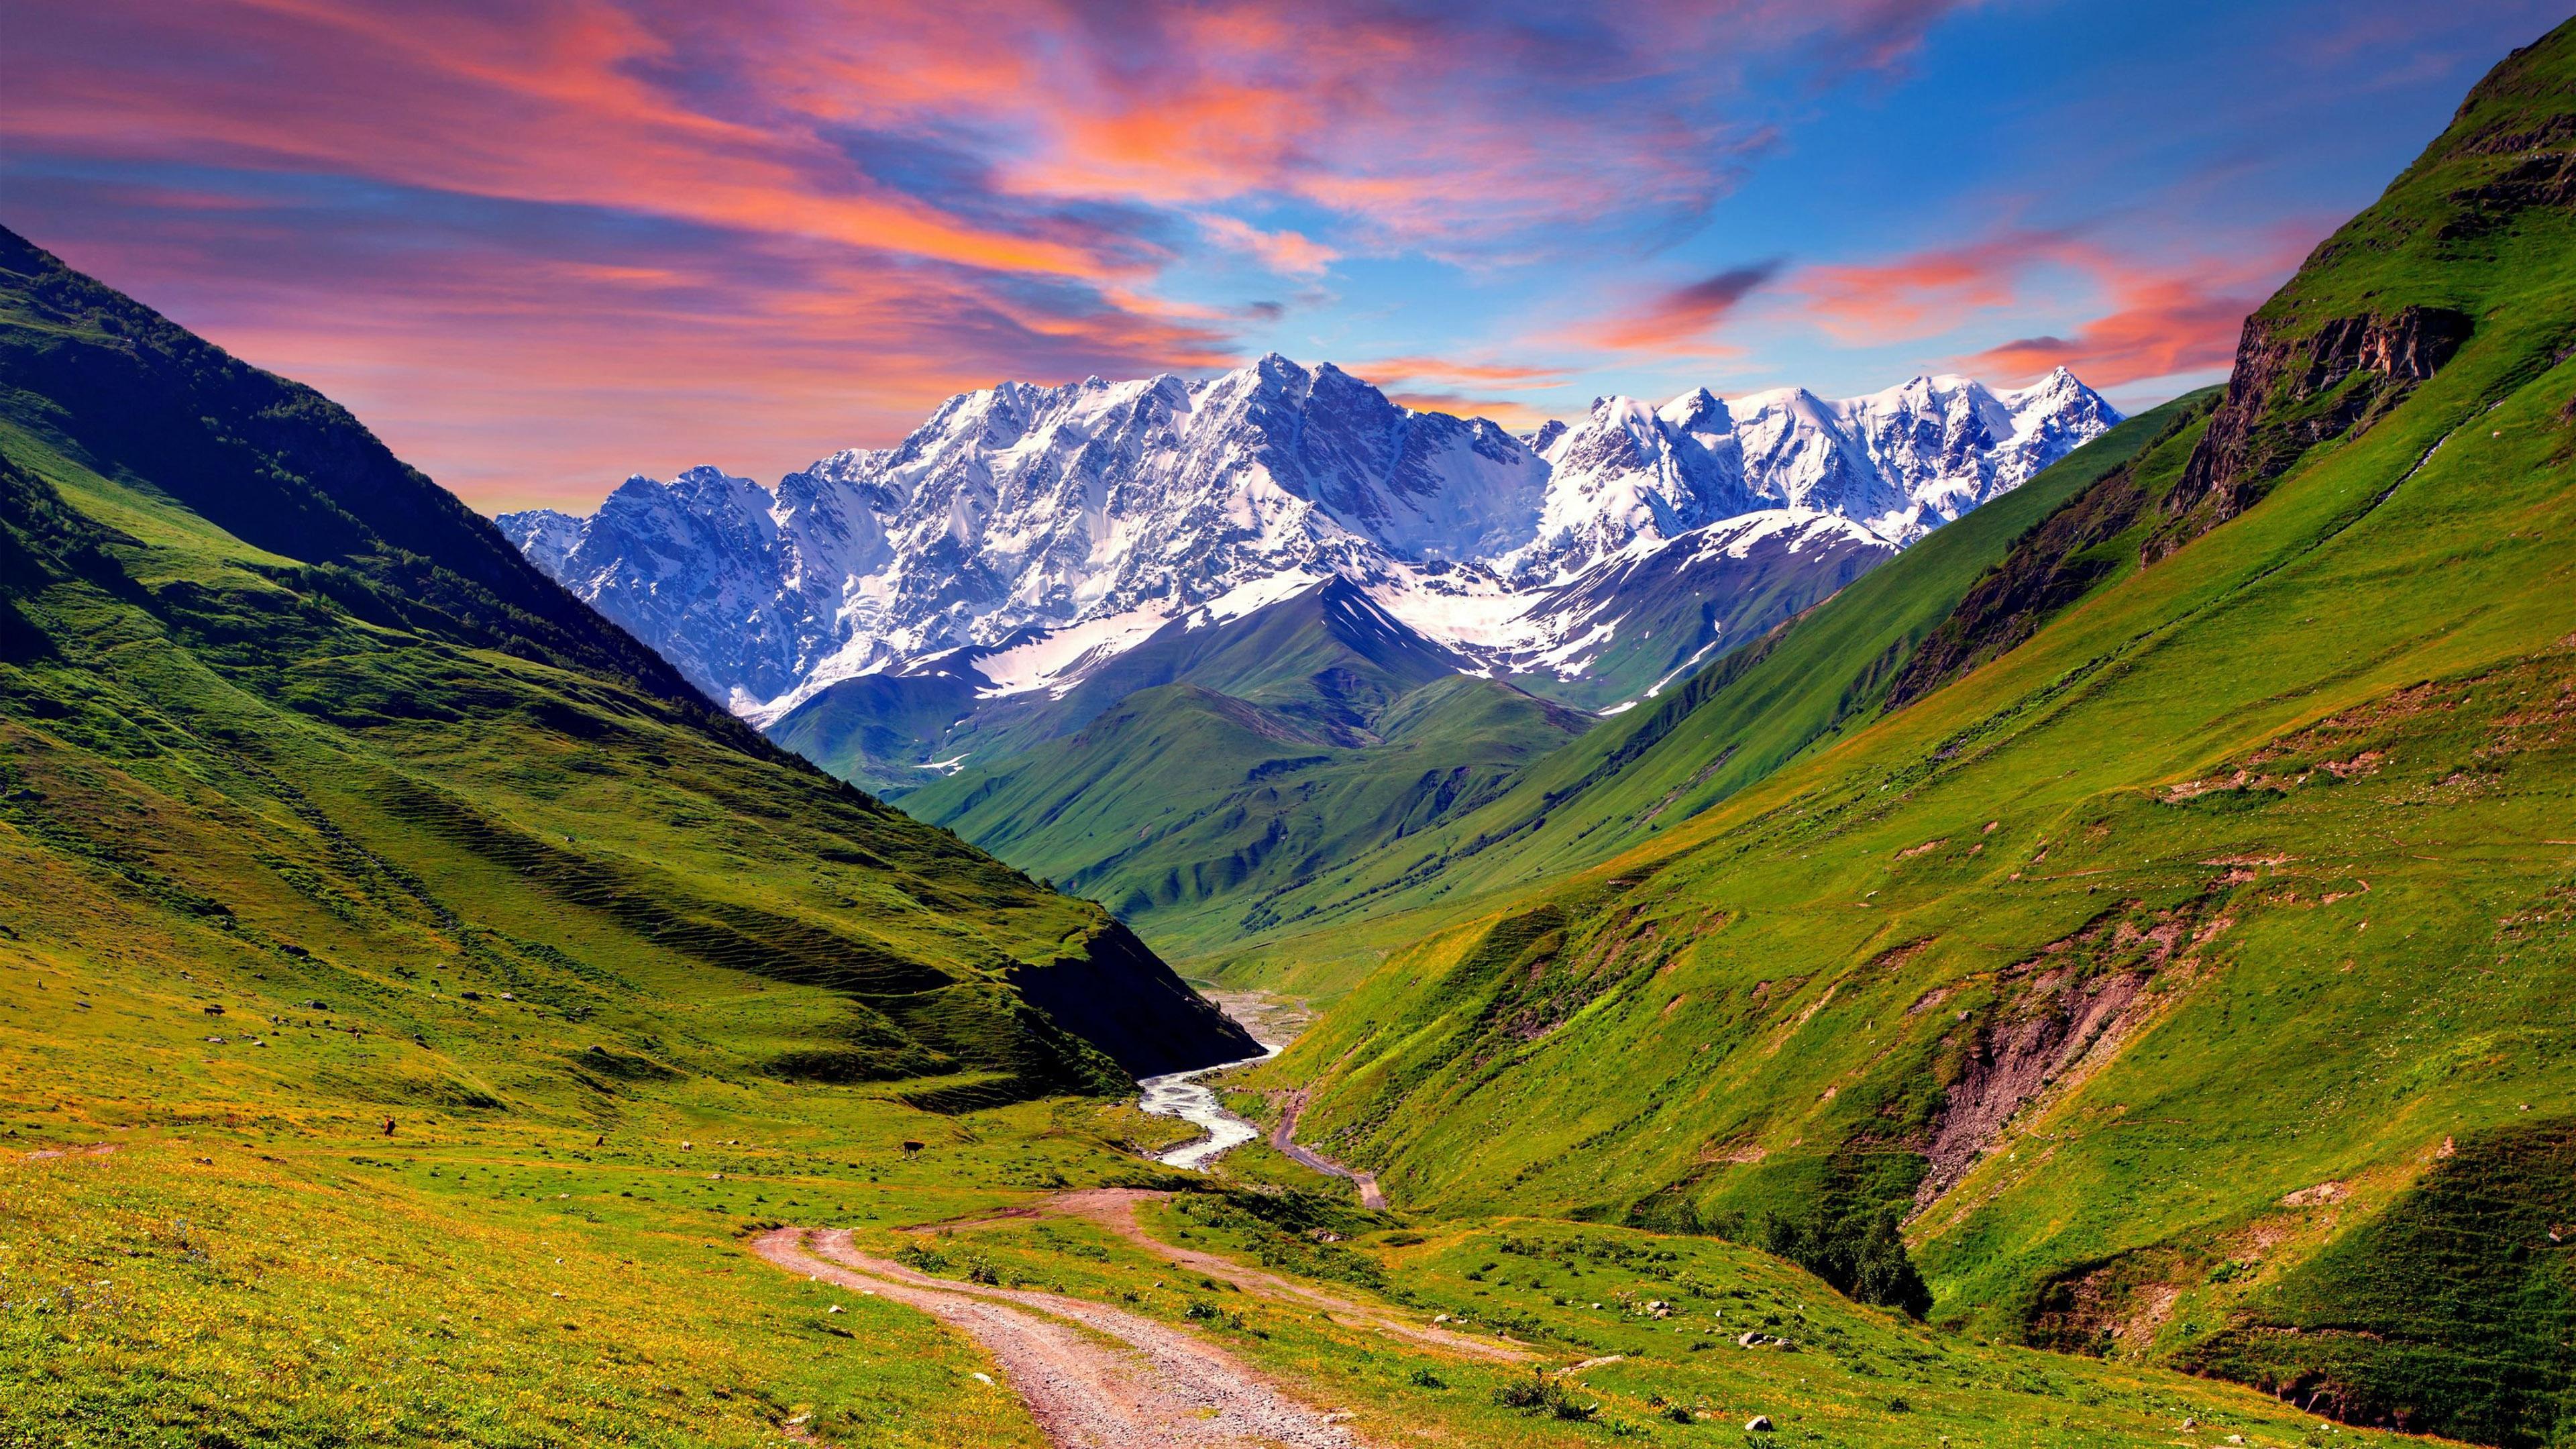 Mountain sunset 4k ultra hd fond d 39 cran and arri re plan for Fond ecran photo 4k